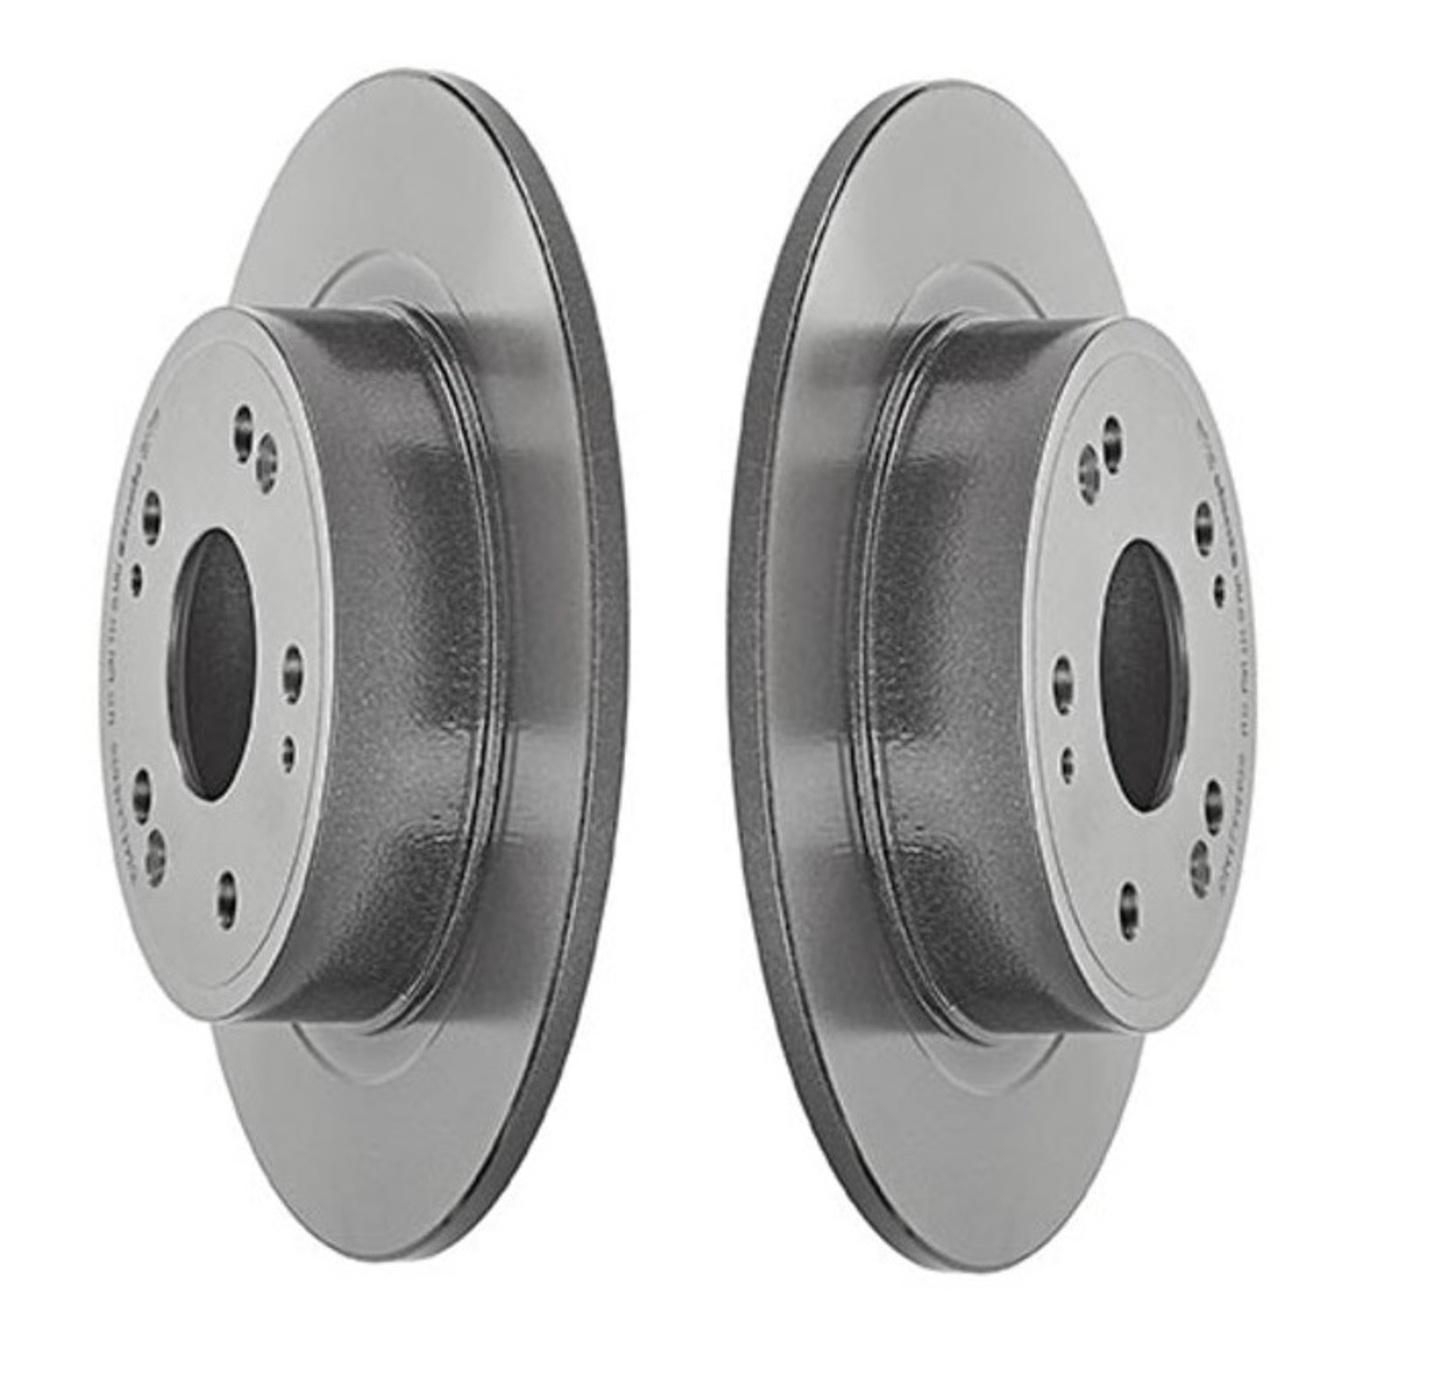 Brembo Rear Brake Kit Ceramic Pads Coated Disc Rotors For